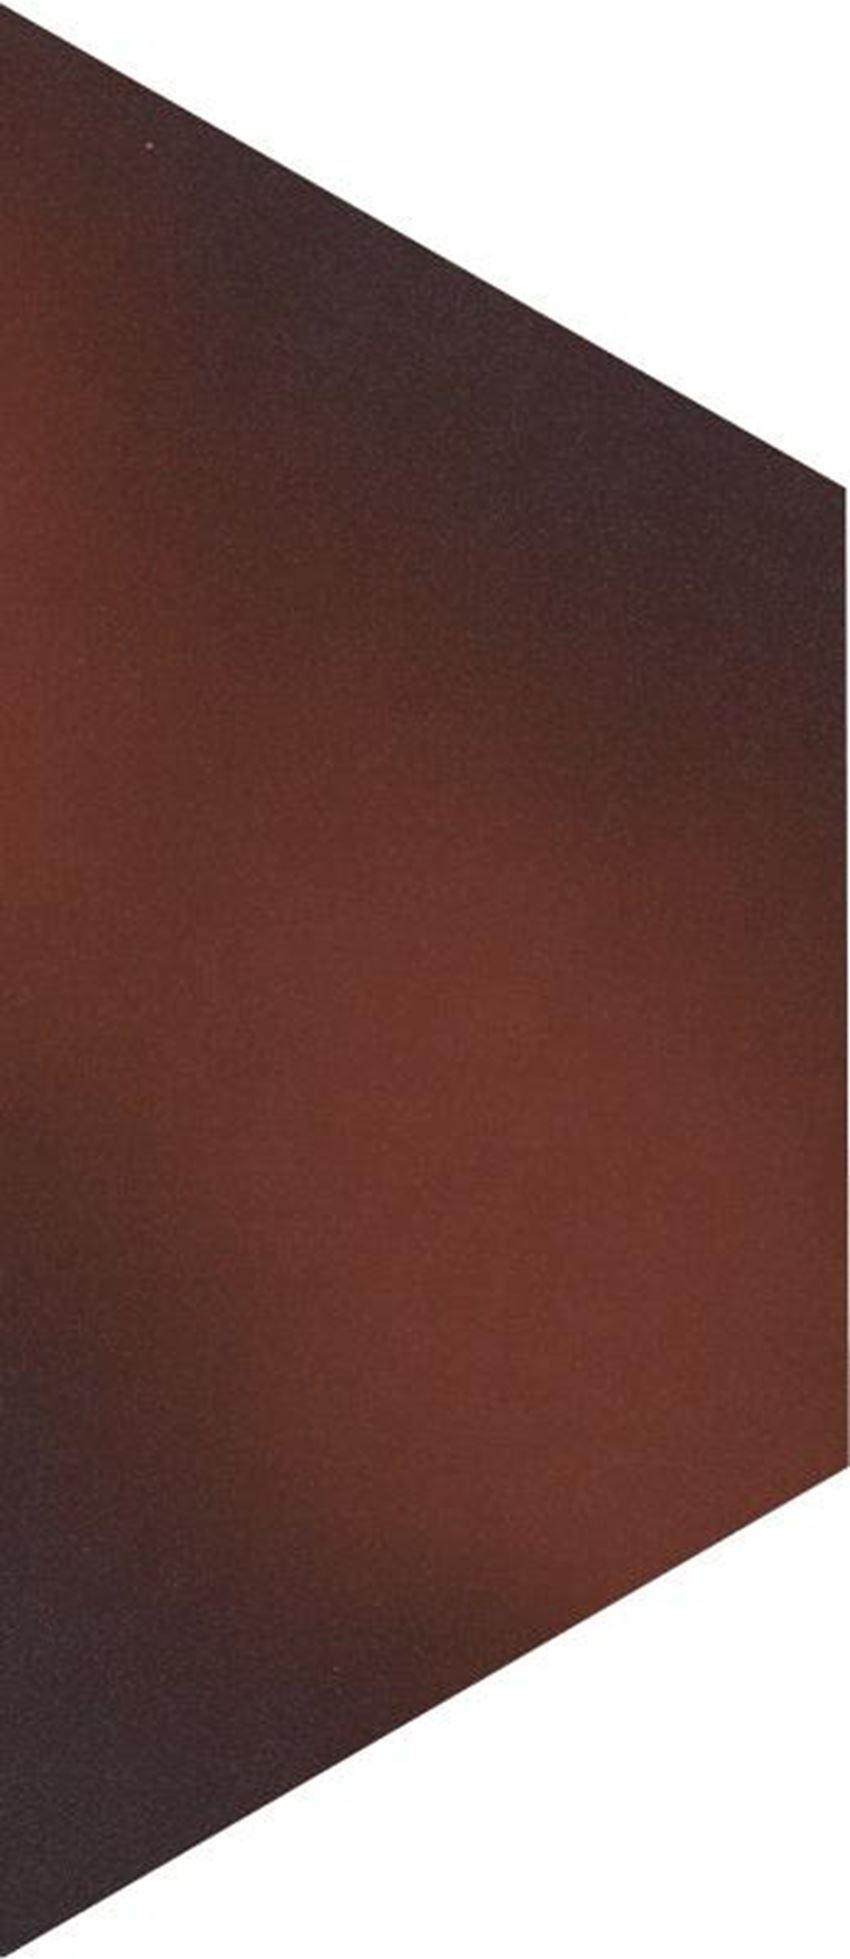 Dekoracja podłogowa Paradyż Cloud Brown Trapez